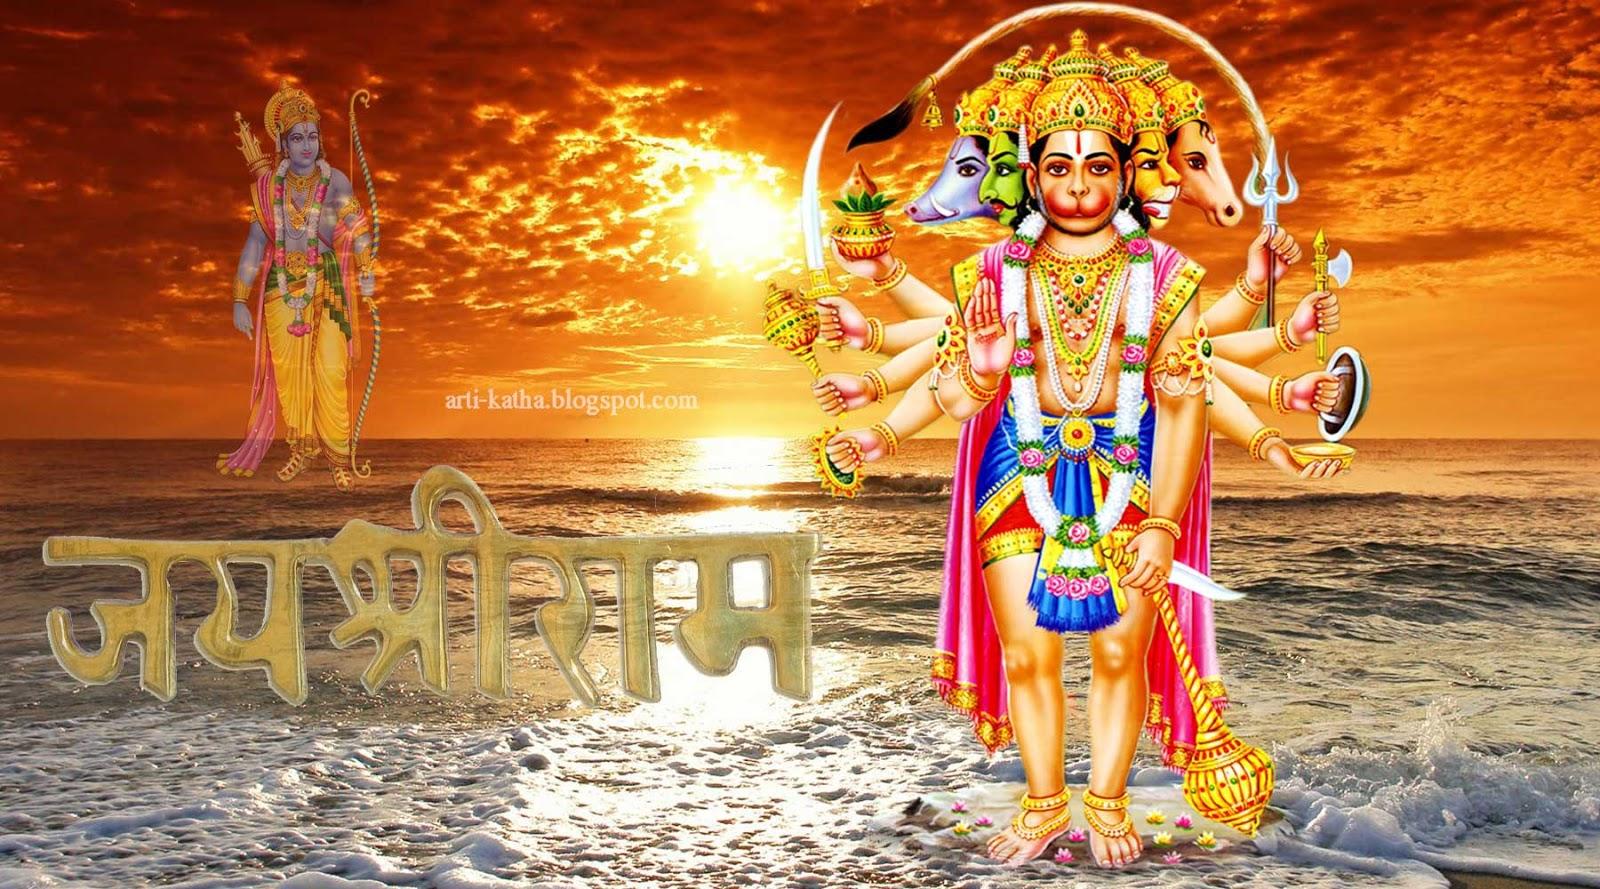 Jai Sri Ram Hanumaan